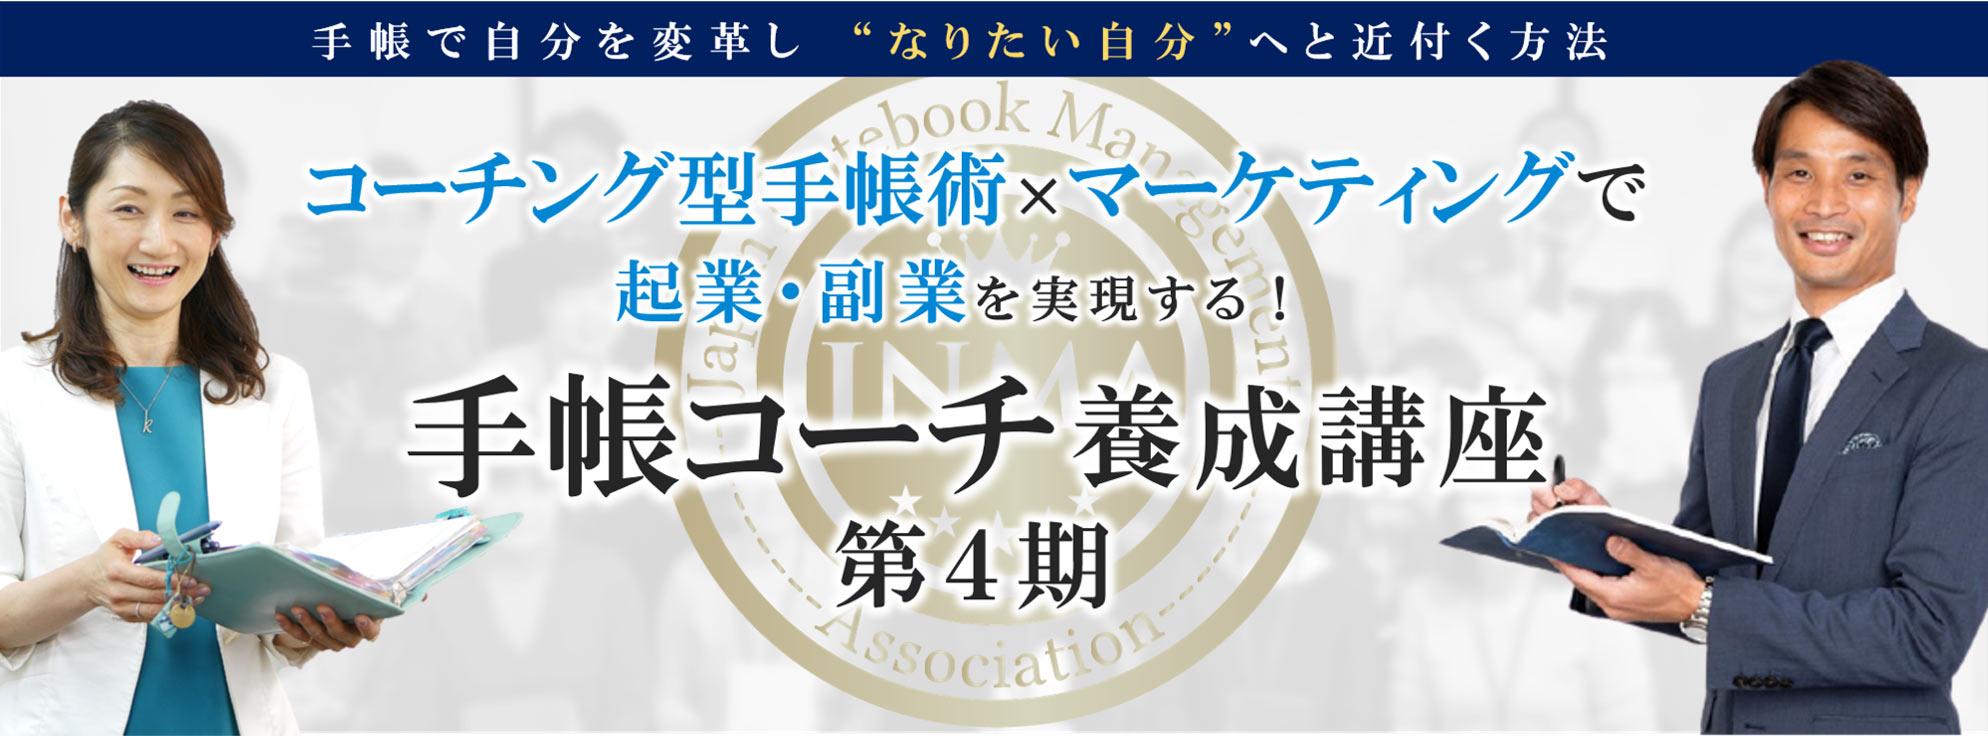 協会トップ画像